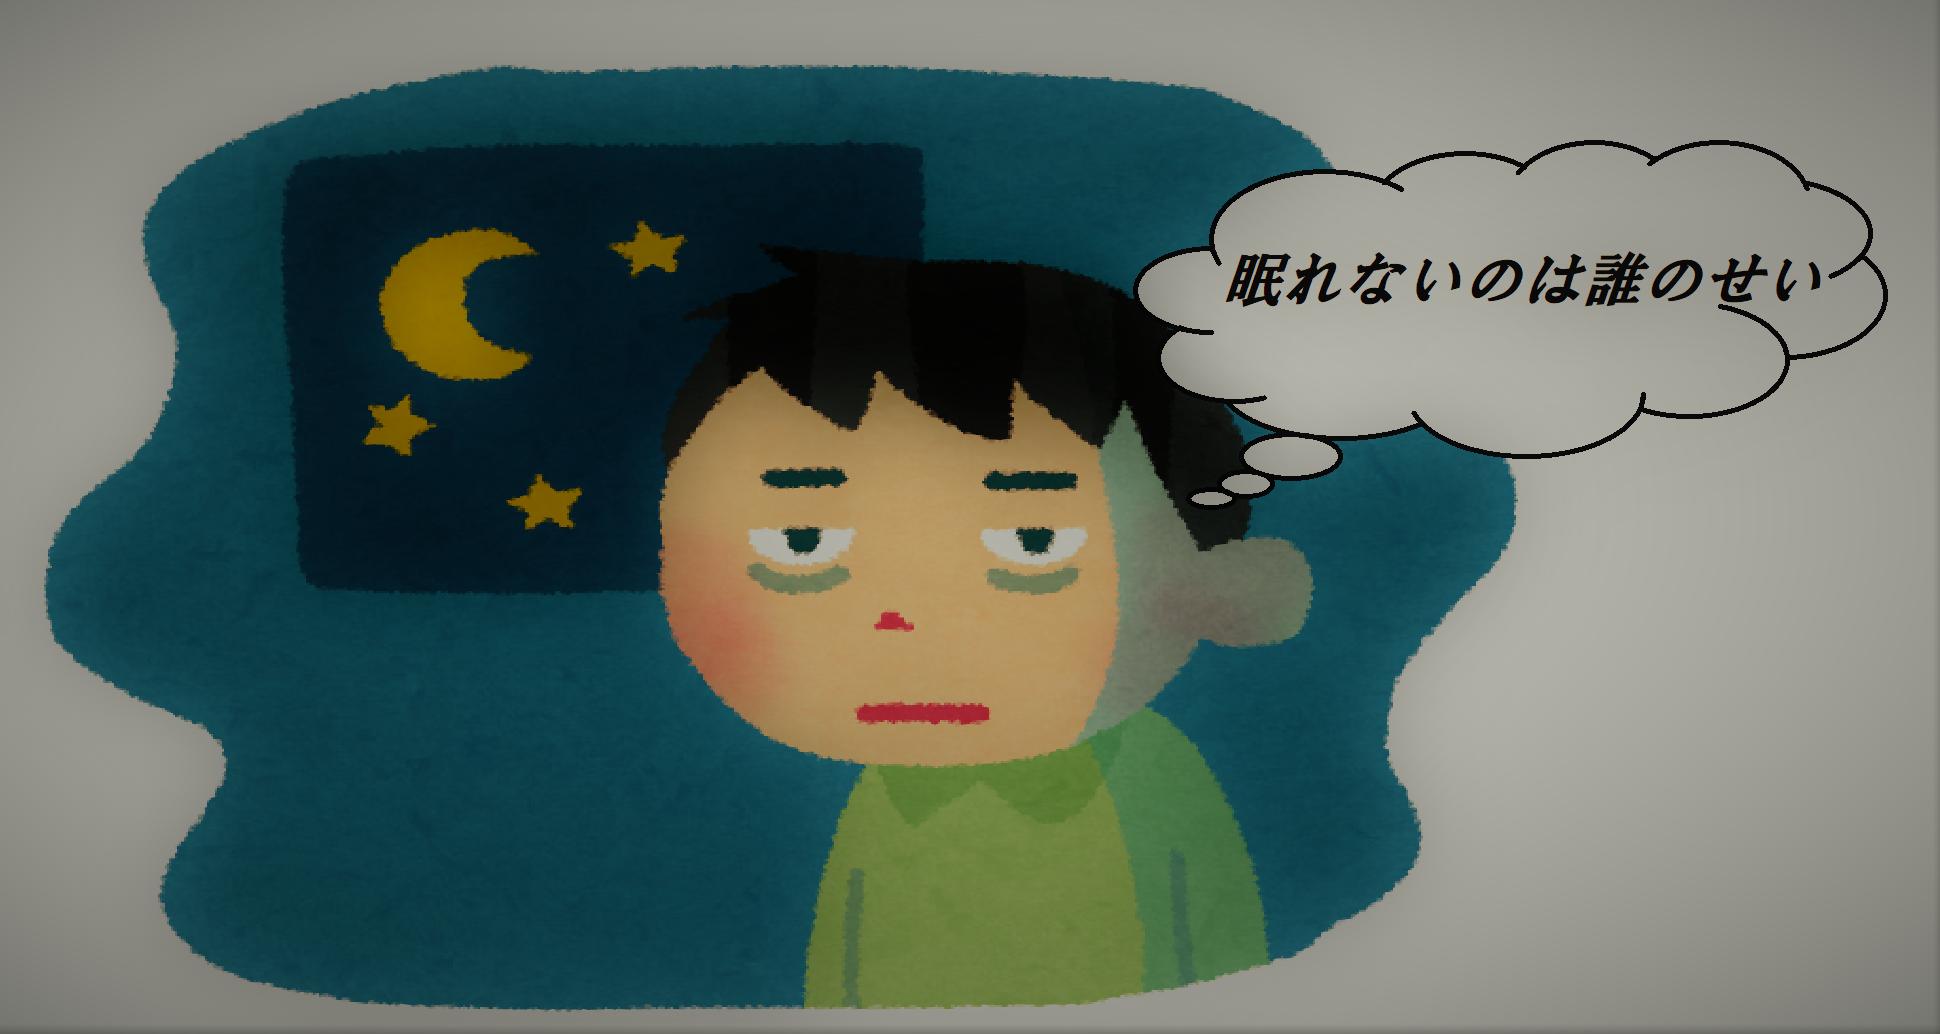 「眠れないのは誰のせい」のイメージ